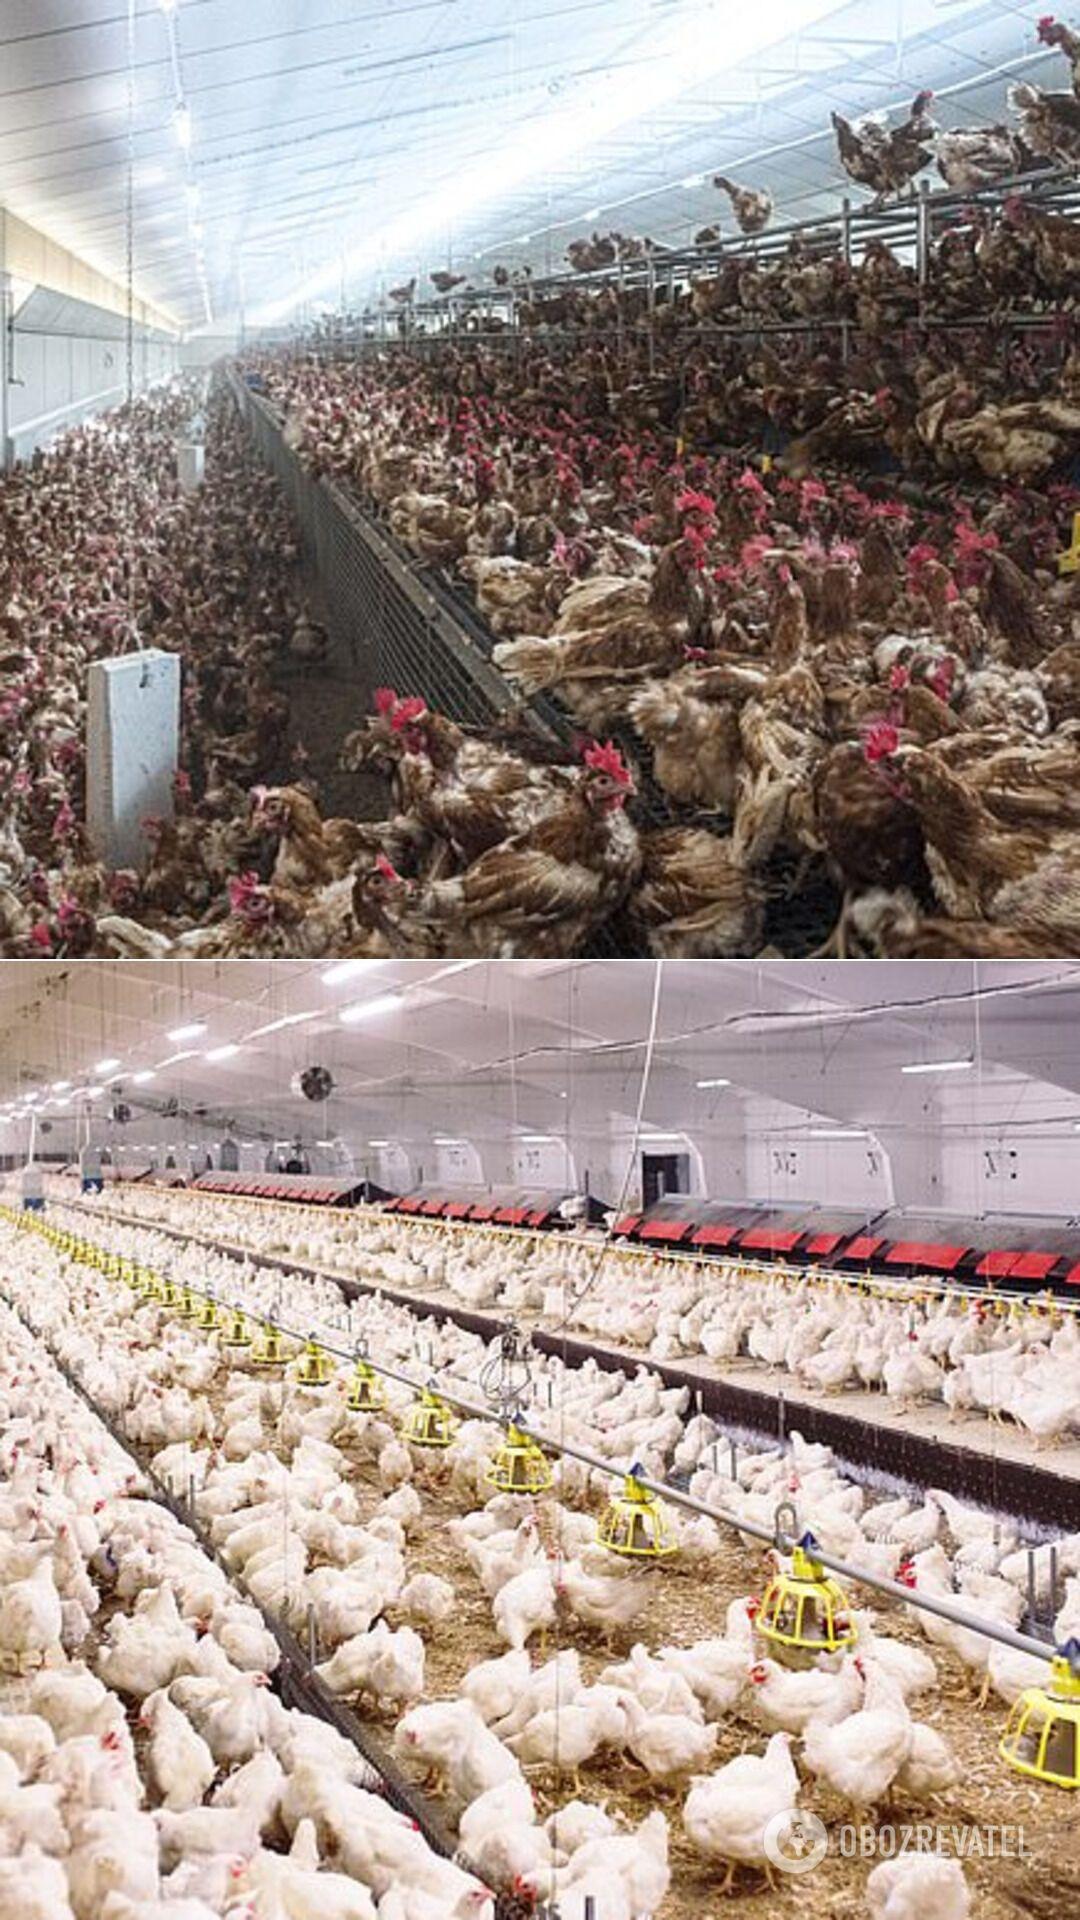 Птицефабрики могут спровоцировать возникновение пандемии, опаснее COVID-19 – Грегор